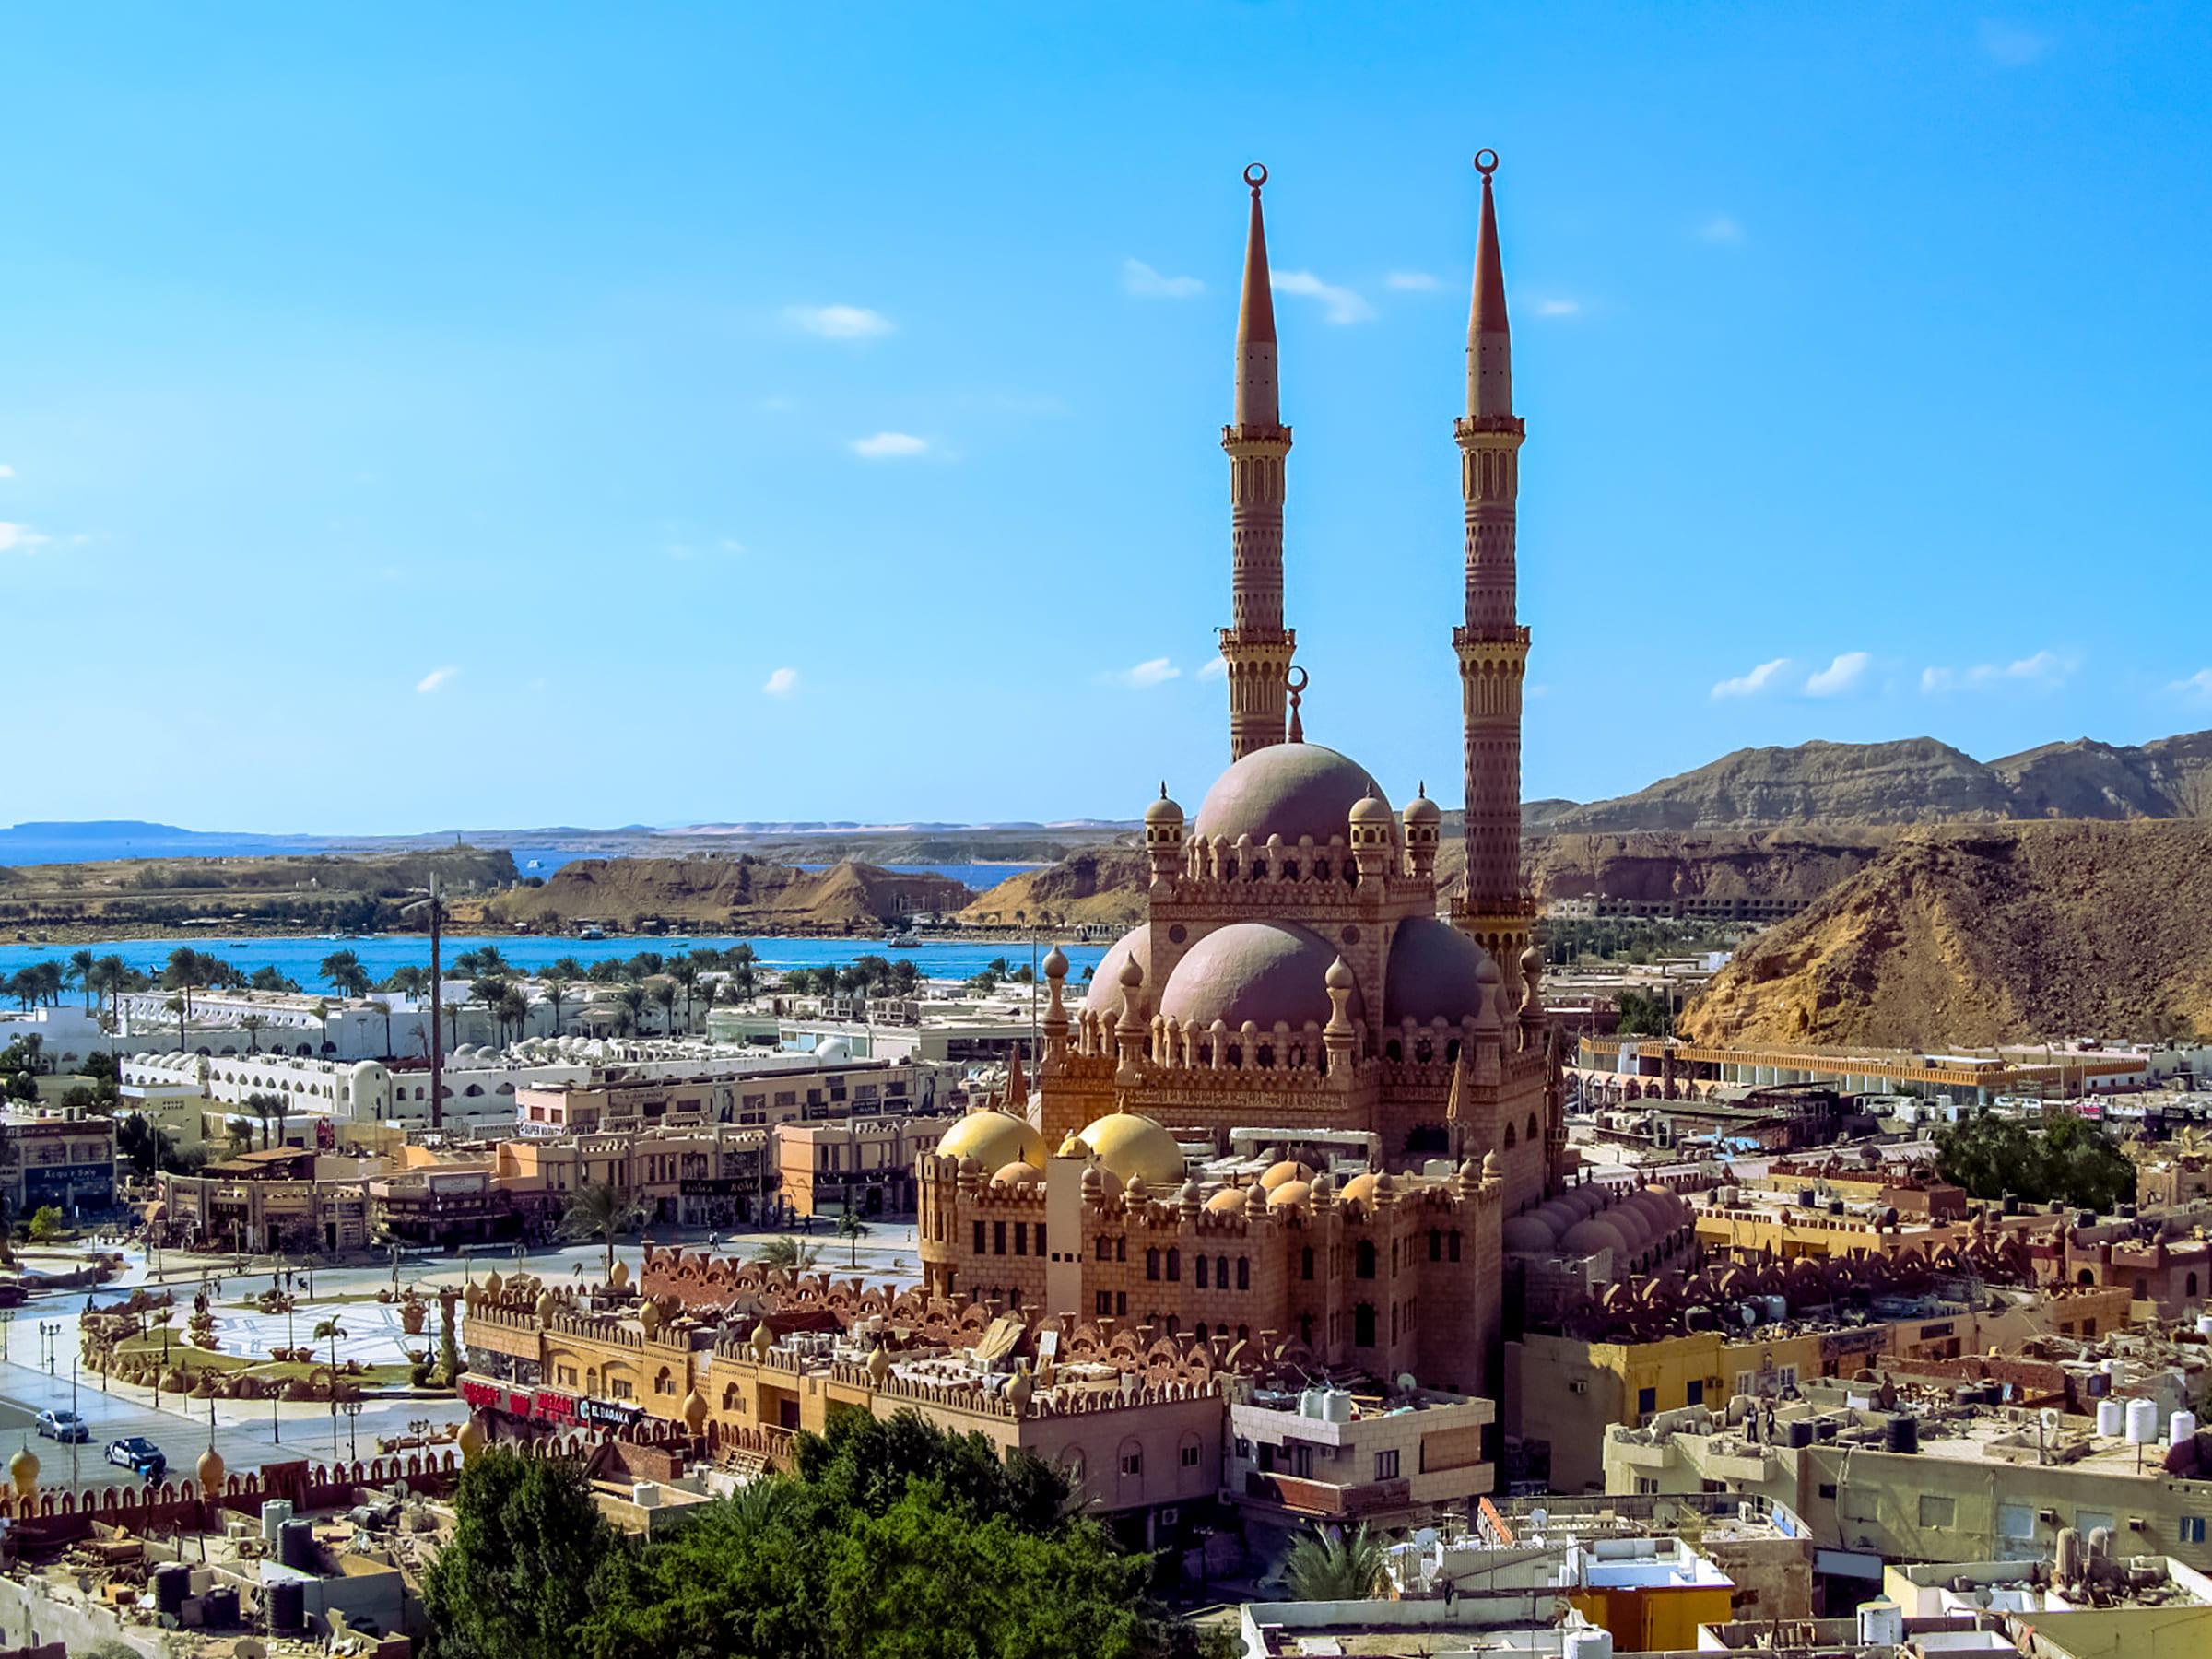 Blick auf die Altstadt, die Al Mustafa Moschee und das Rote Meer in Scharm El-Scheich